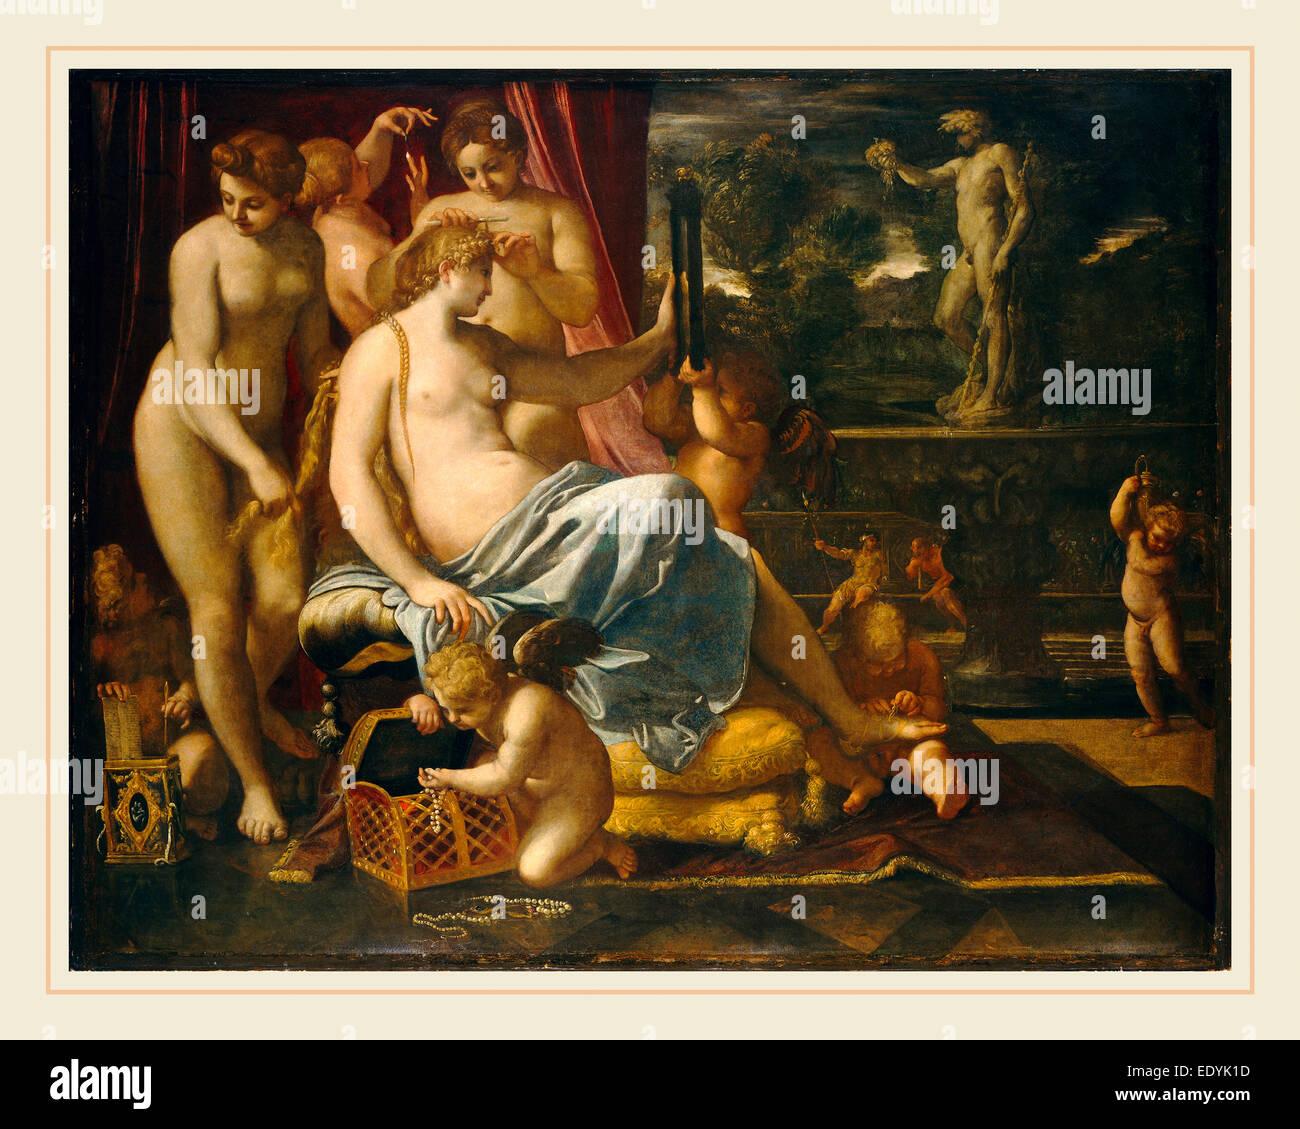 Annibale Carracci, Venere adornata dalle grazie, Italiano, 1560-1609, 1590-1595, olio su tavola trasferita su tela Immagini Stock